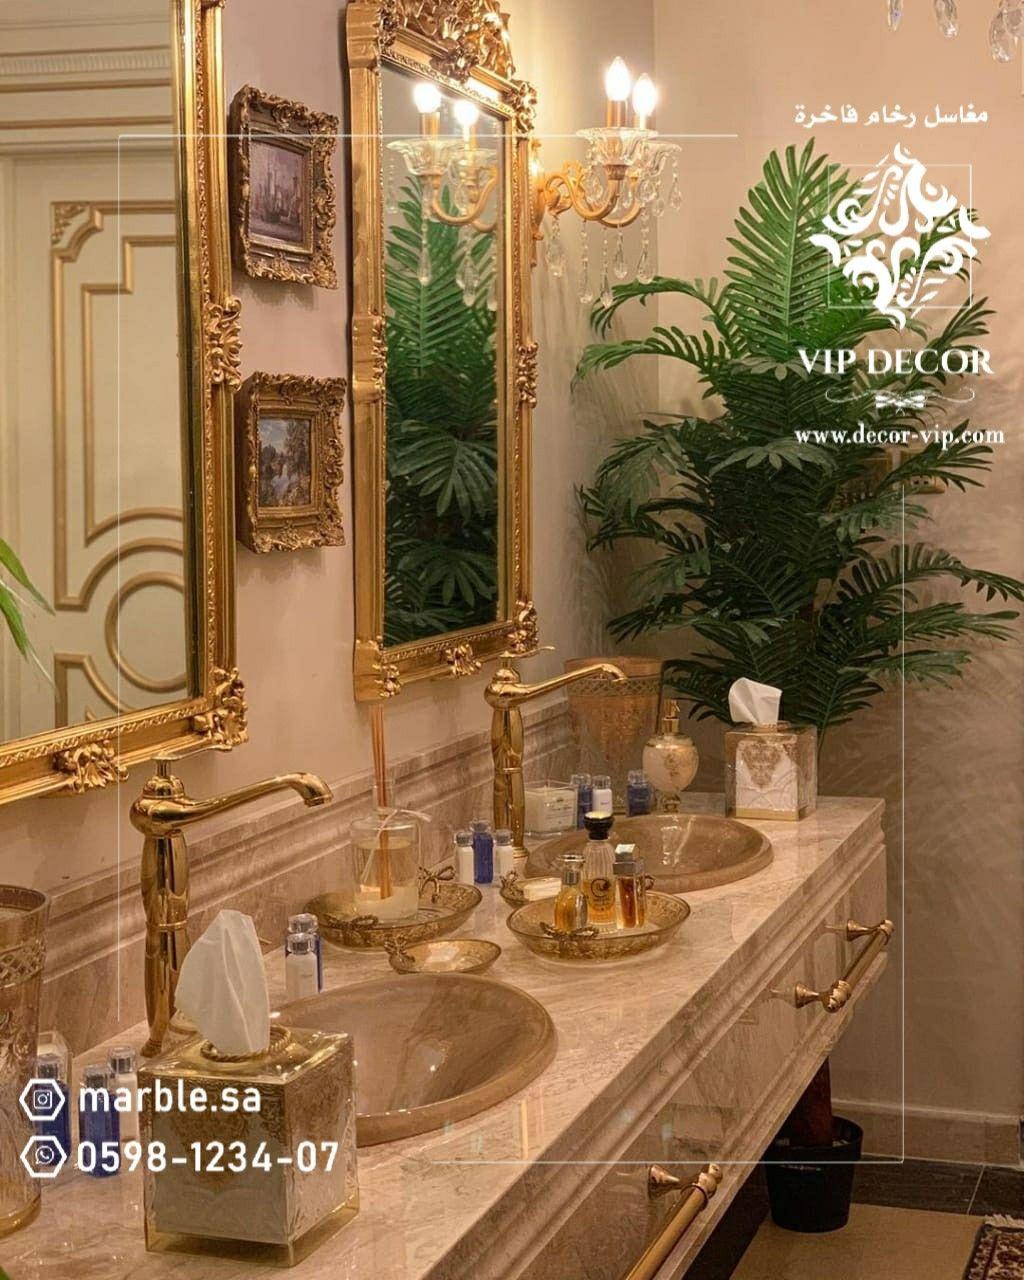 مغاسل رخام Table Decorations Lighted Bathroom Mirror Home Decor